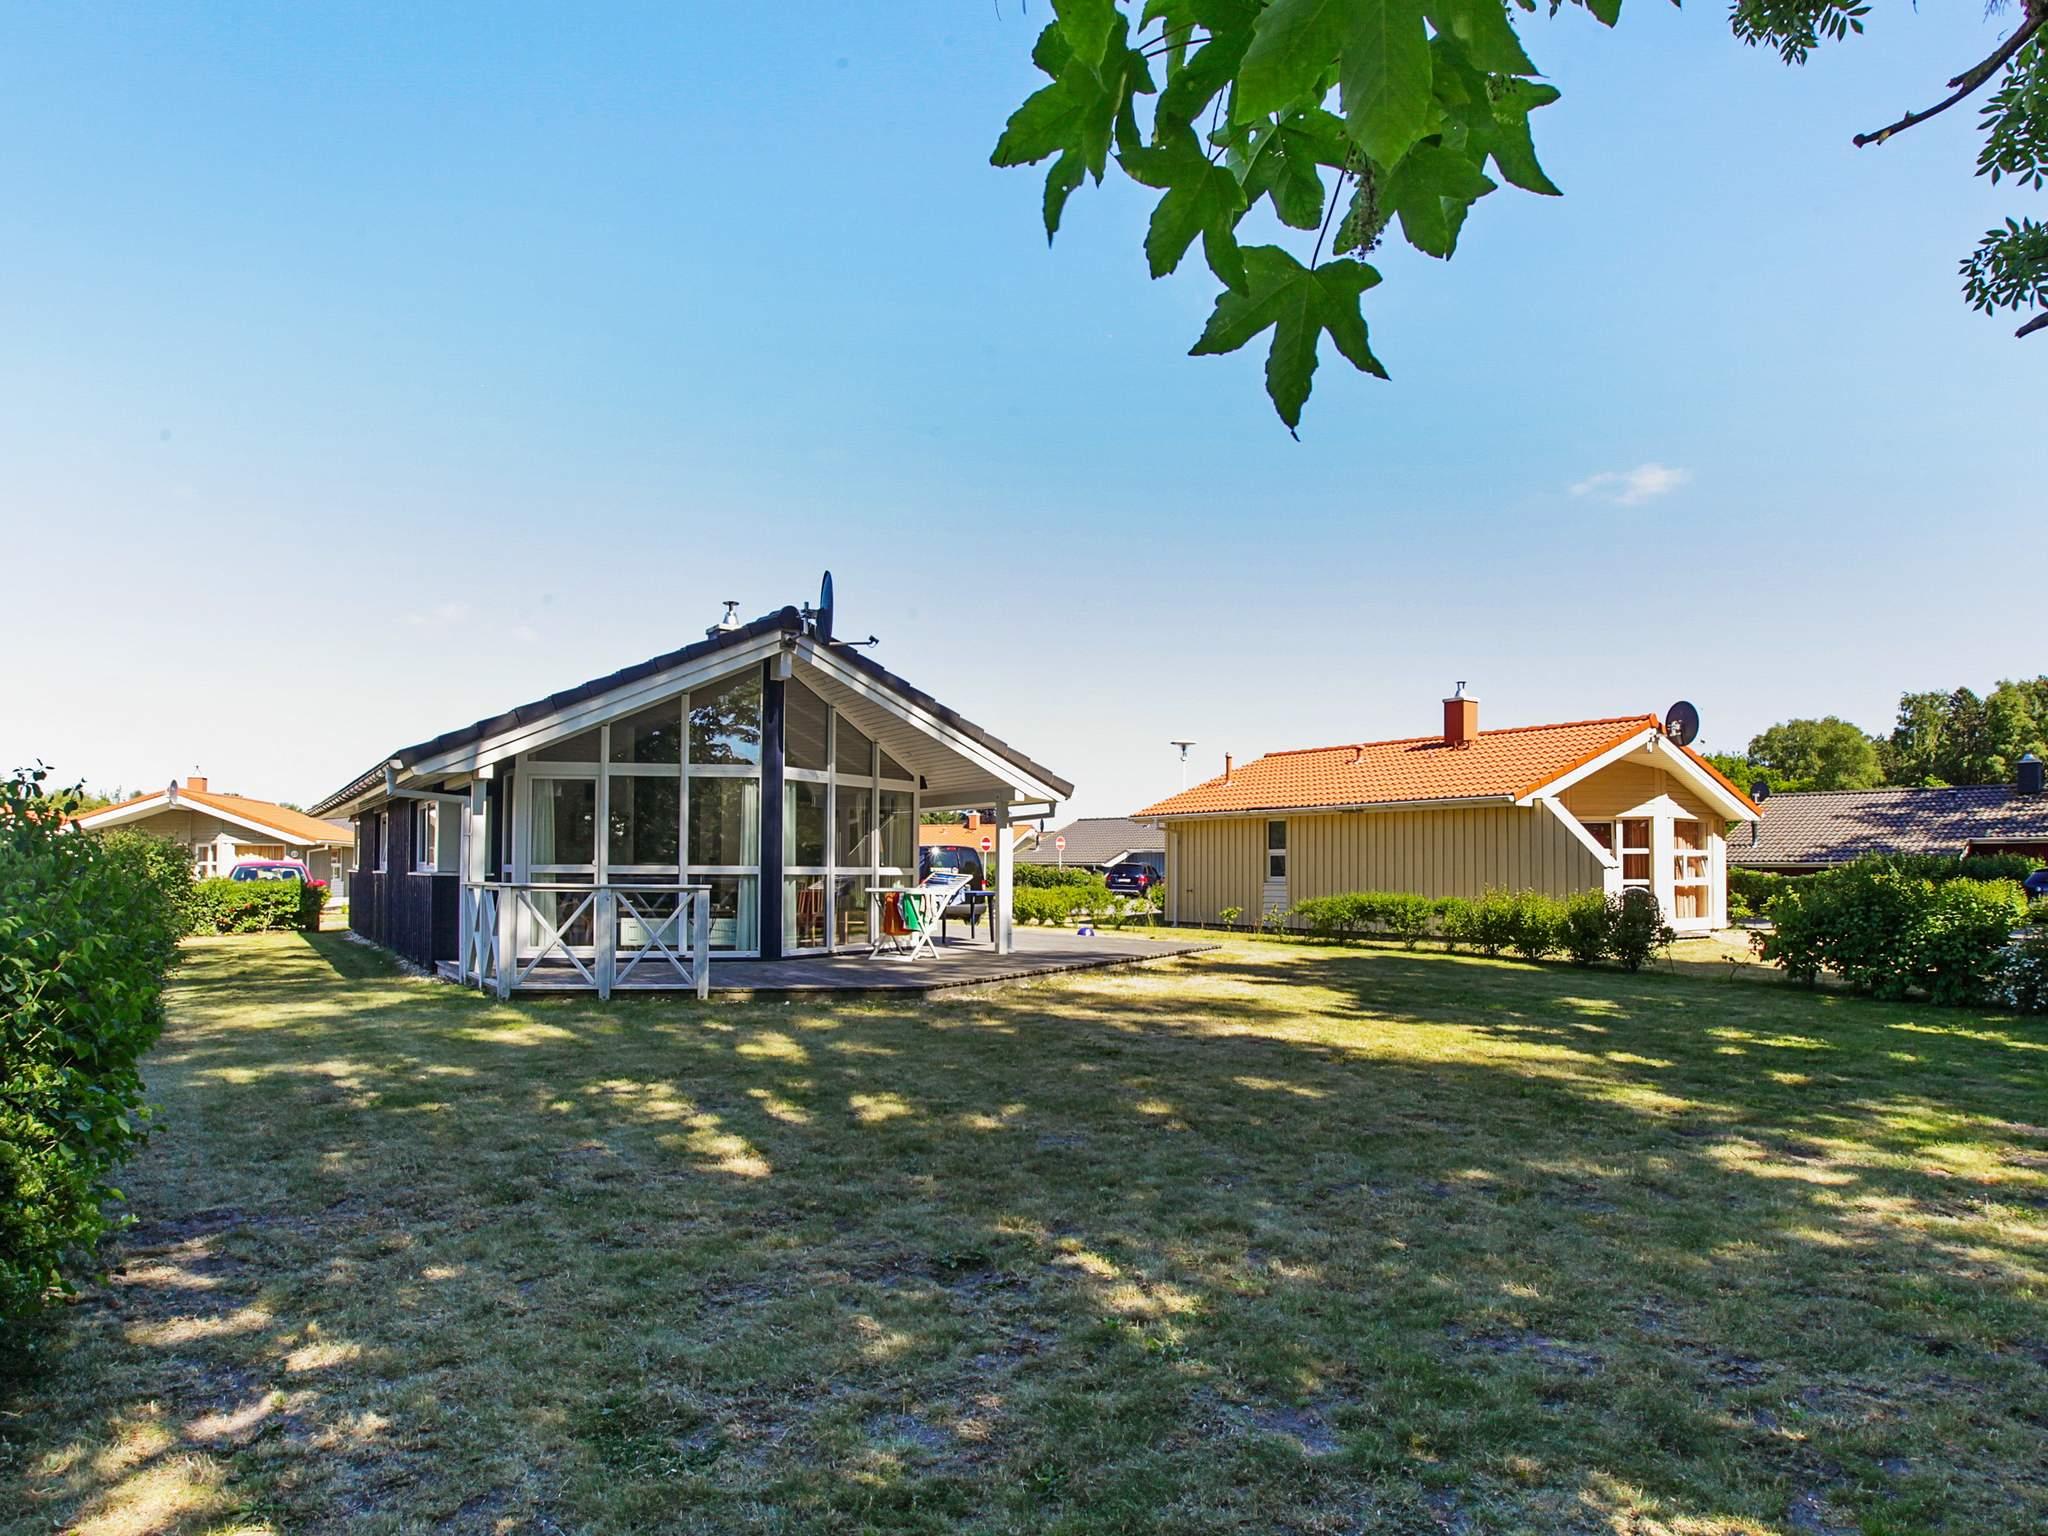 Ferienhaus Groemitz (259538), Grömitz, Lübecker Bucht, Schleswig-Holstein, Deutschland, Bild 14